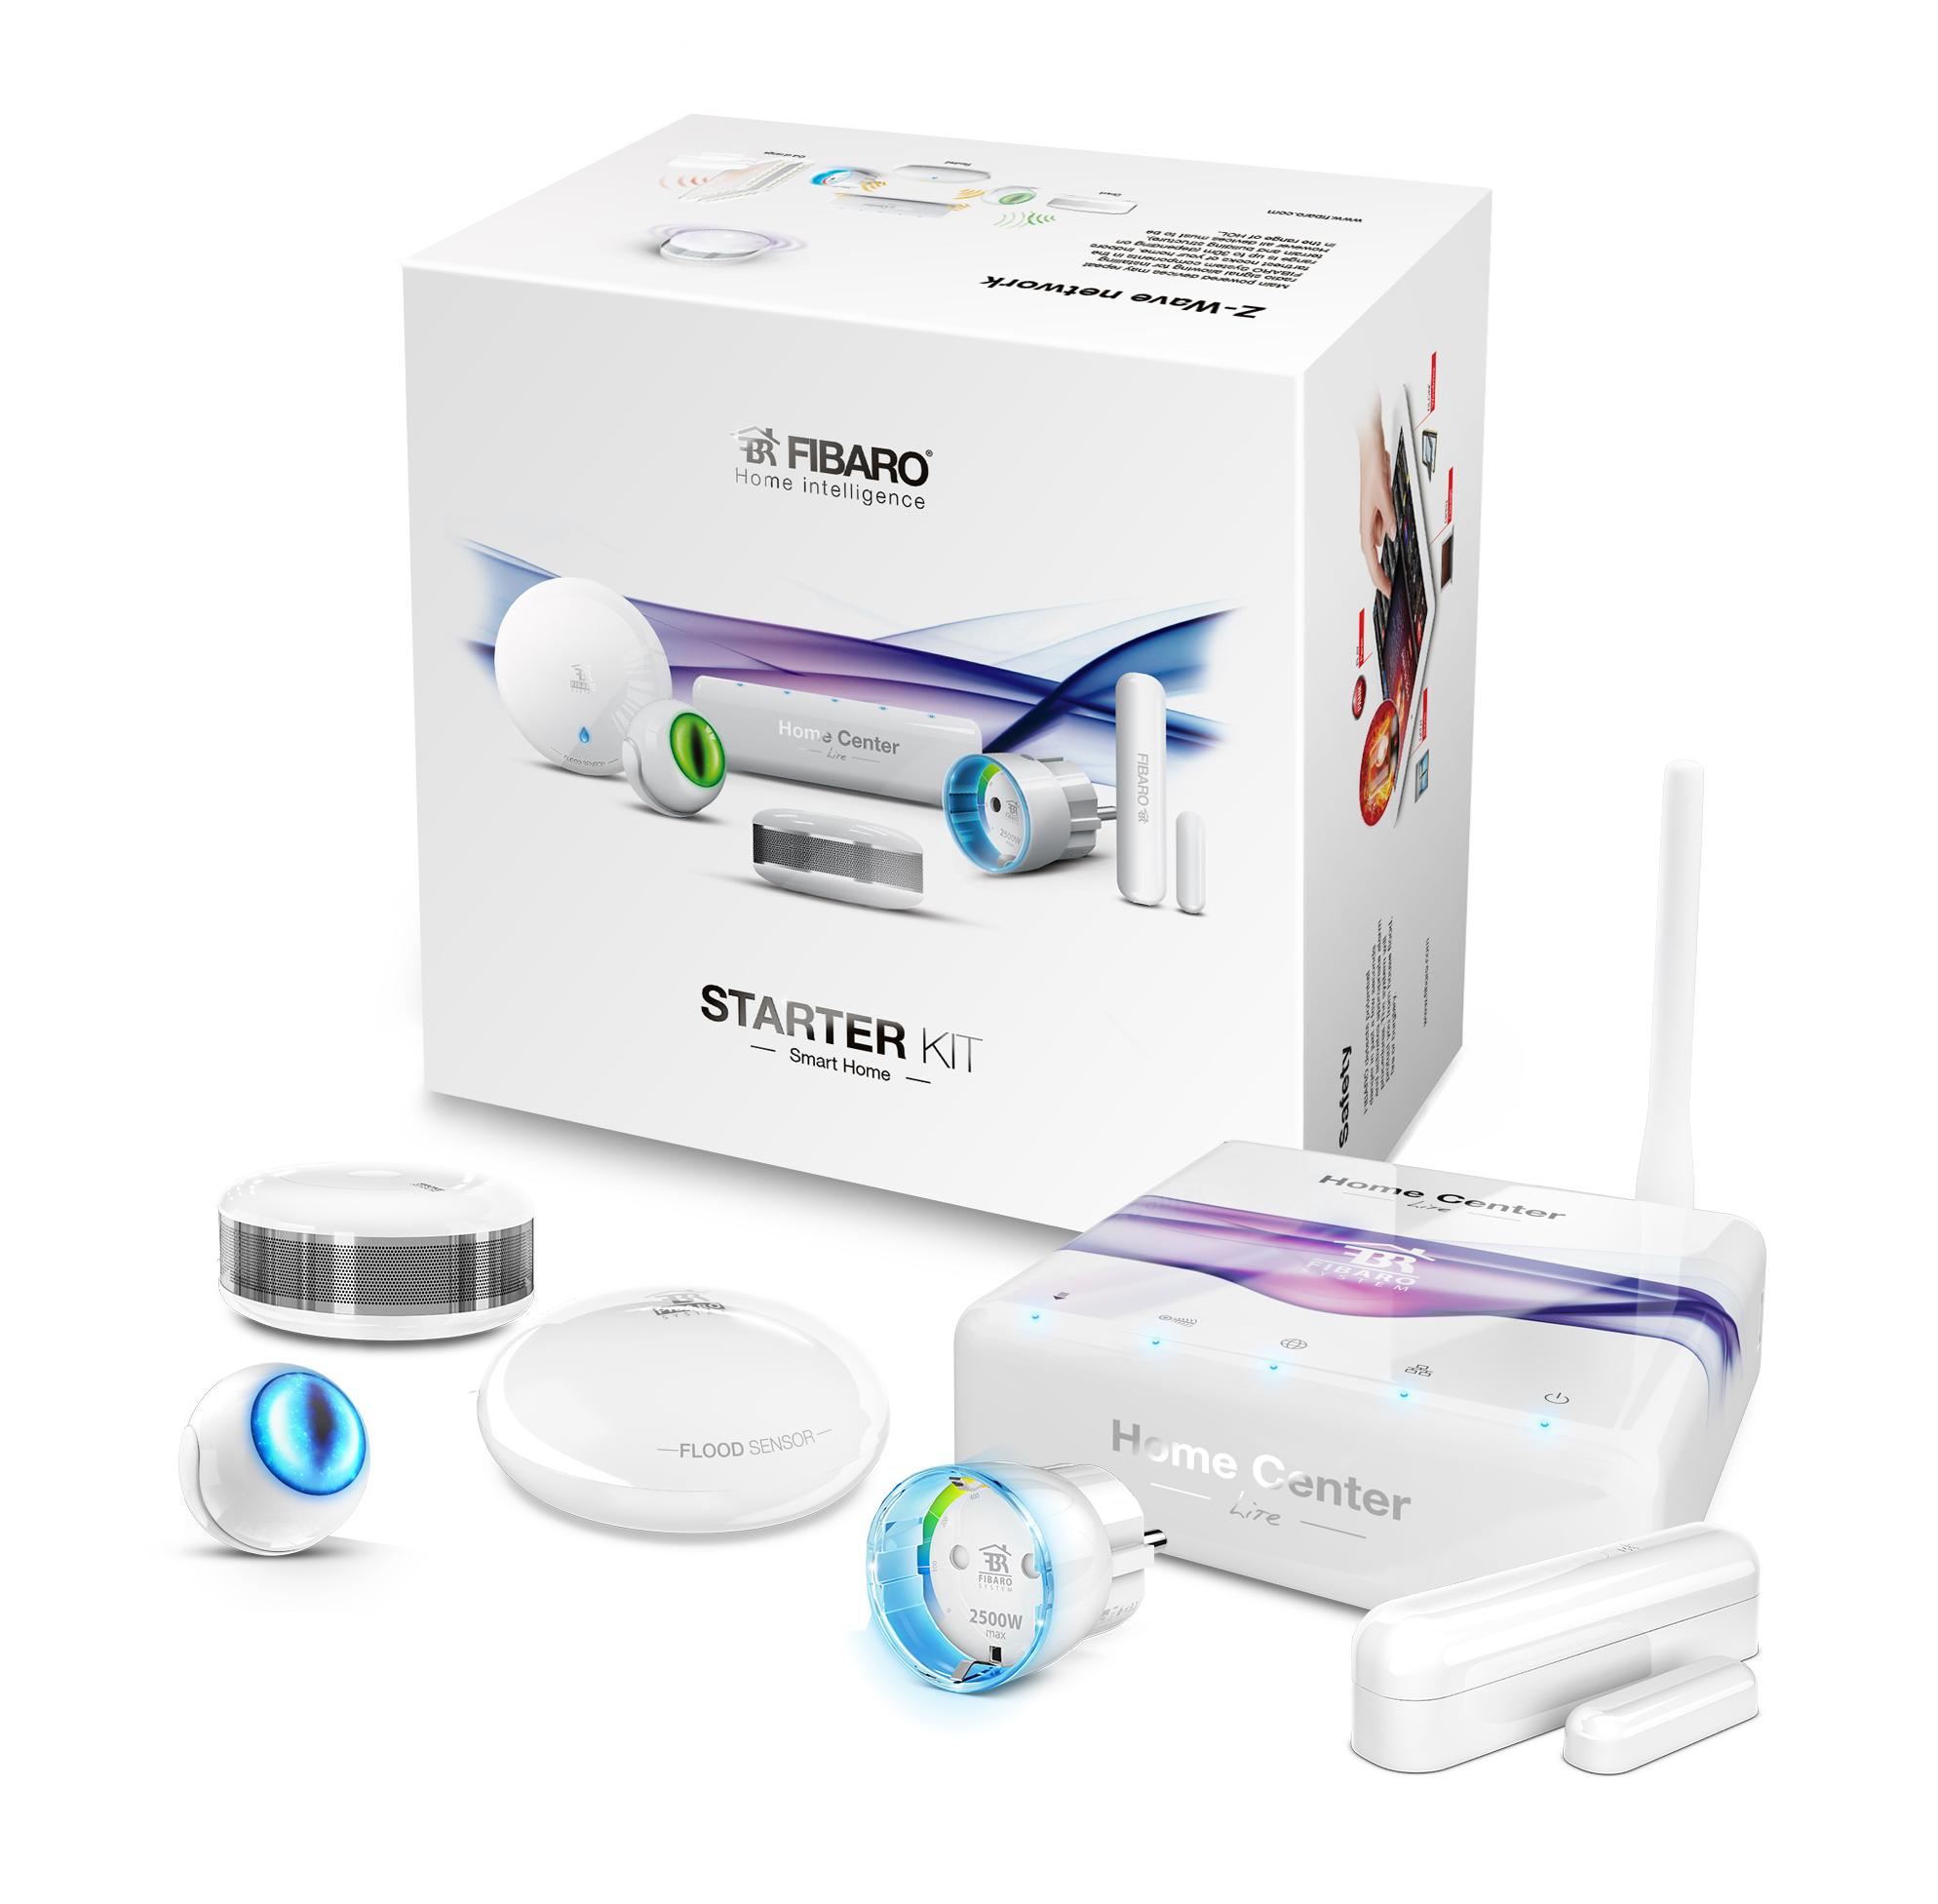 fibaro starter kit smart home gateways z wave controller products z wave europe store. Black Bedroom Furniture Sets. Home Design Ideas